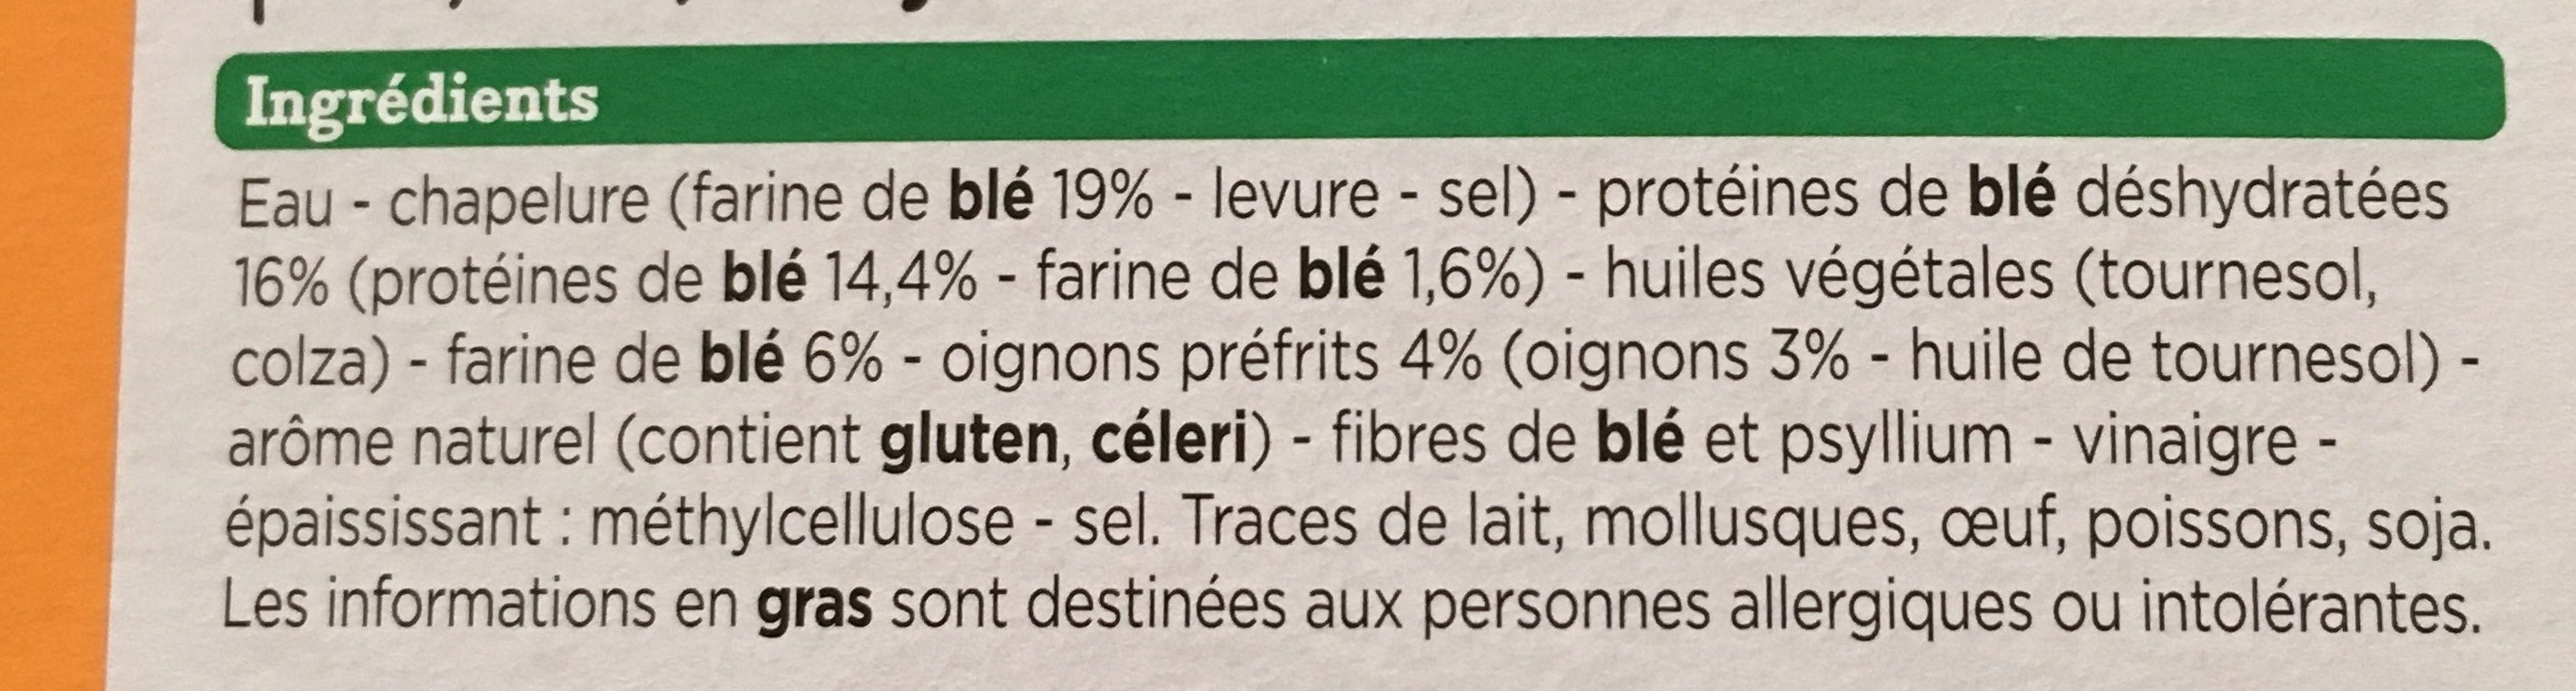 nuggets veggie blé oignon - Ingredienti - fr